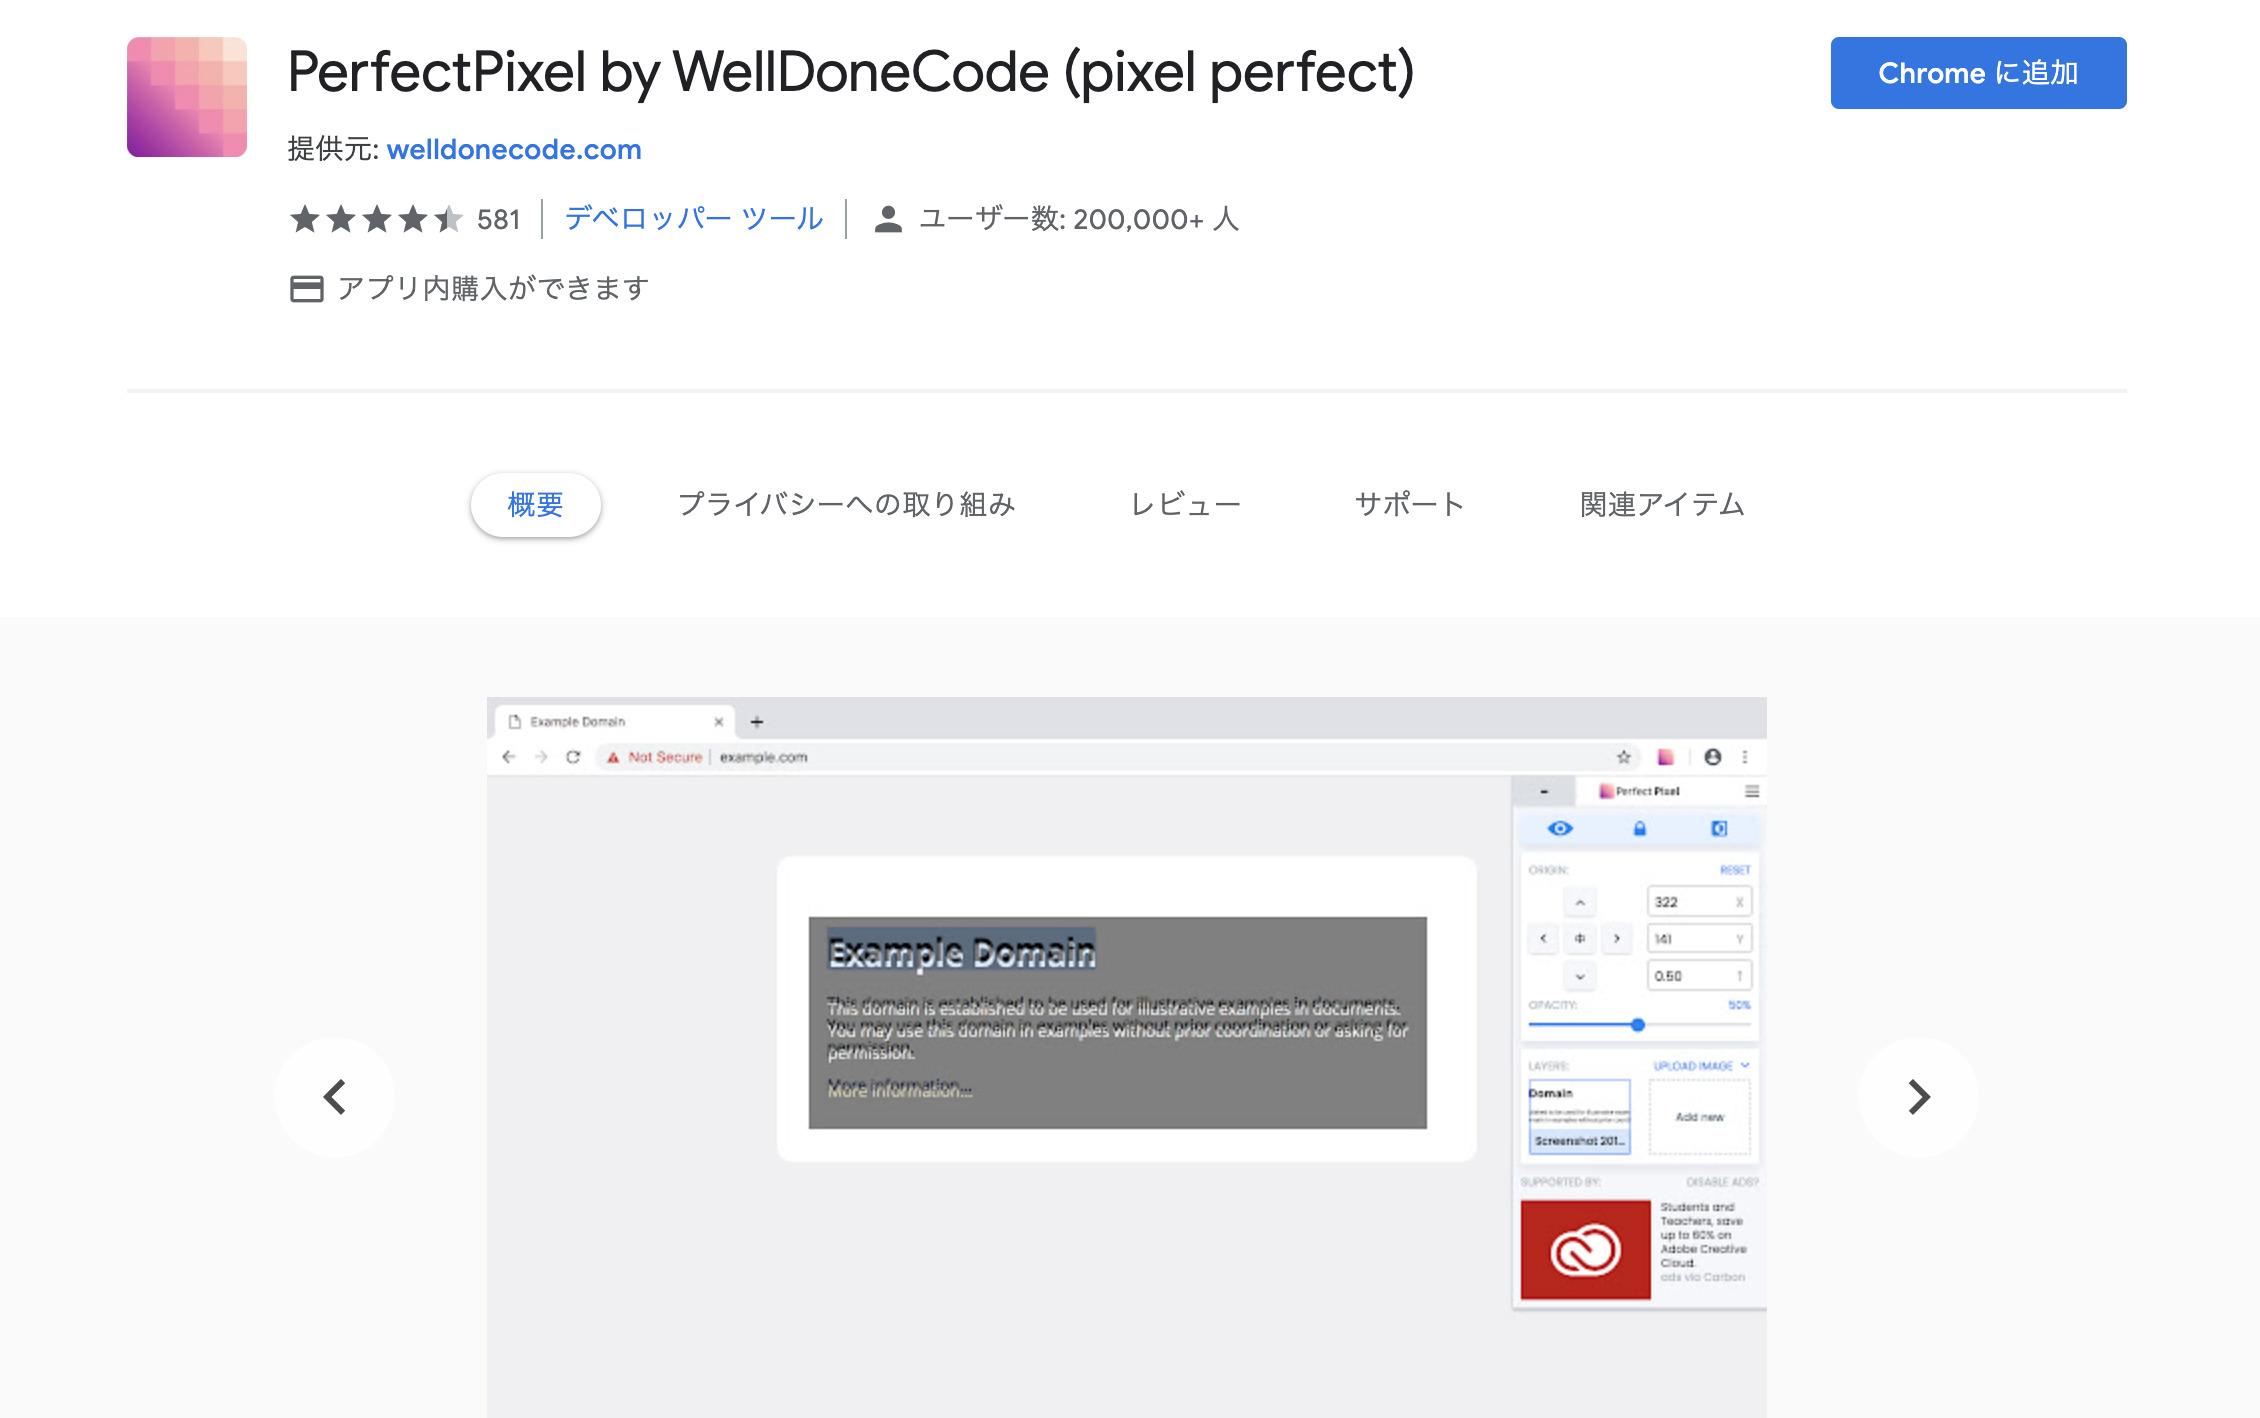 アイキャッチ画像:デザイン再現の精度をあげるのに便利なツール – PerfectPixel